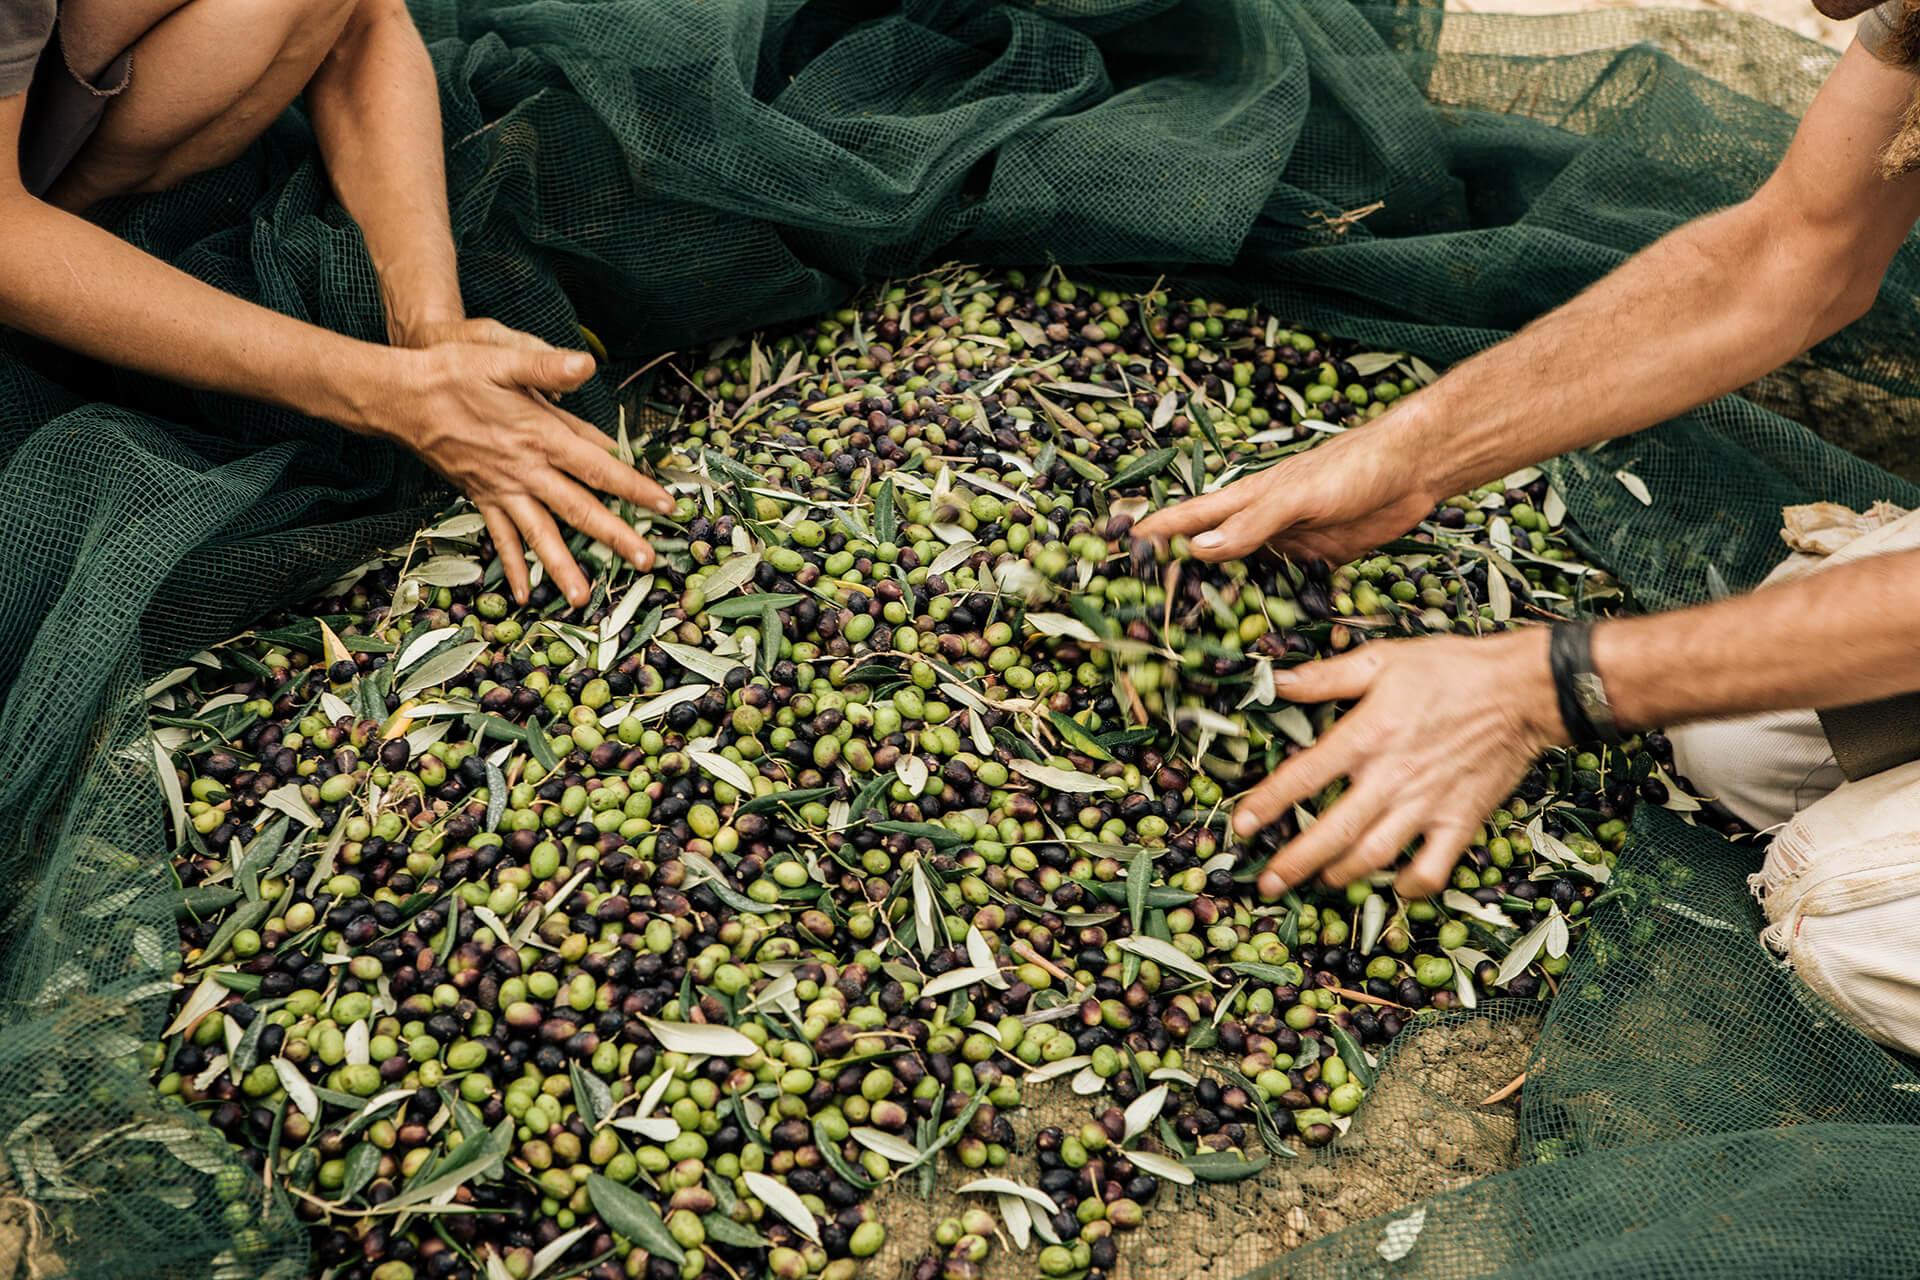 Olive Harvest, Chateau Leoube, Film, Photography, France, Agency, WeAreShuffle, Olive, Sunset